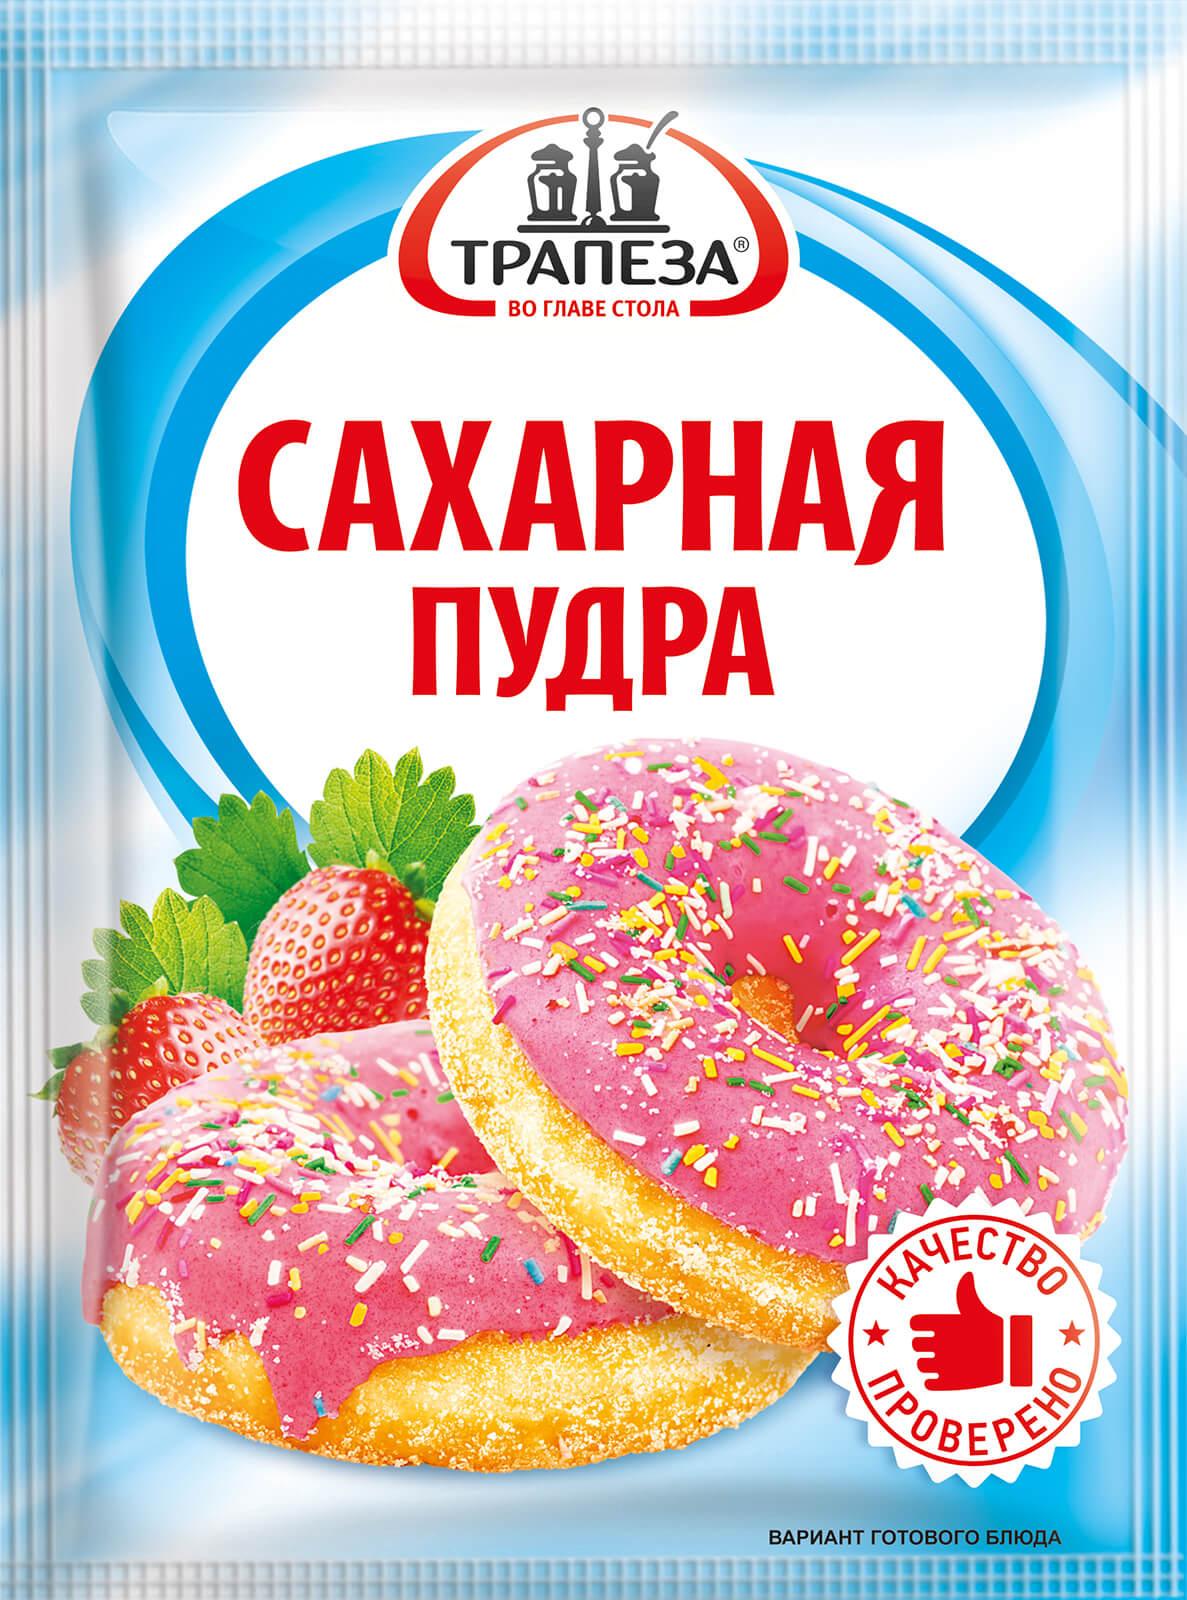 Сахарная пудра Трапеза 60г.